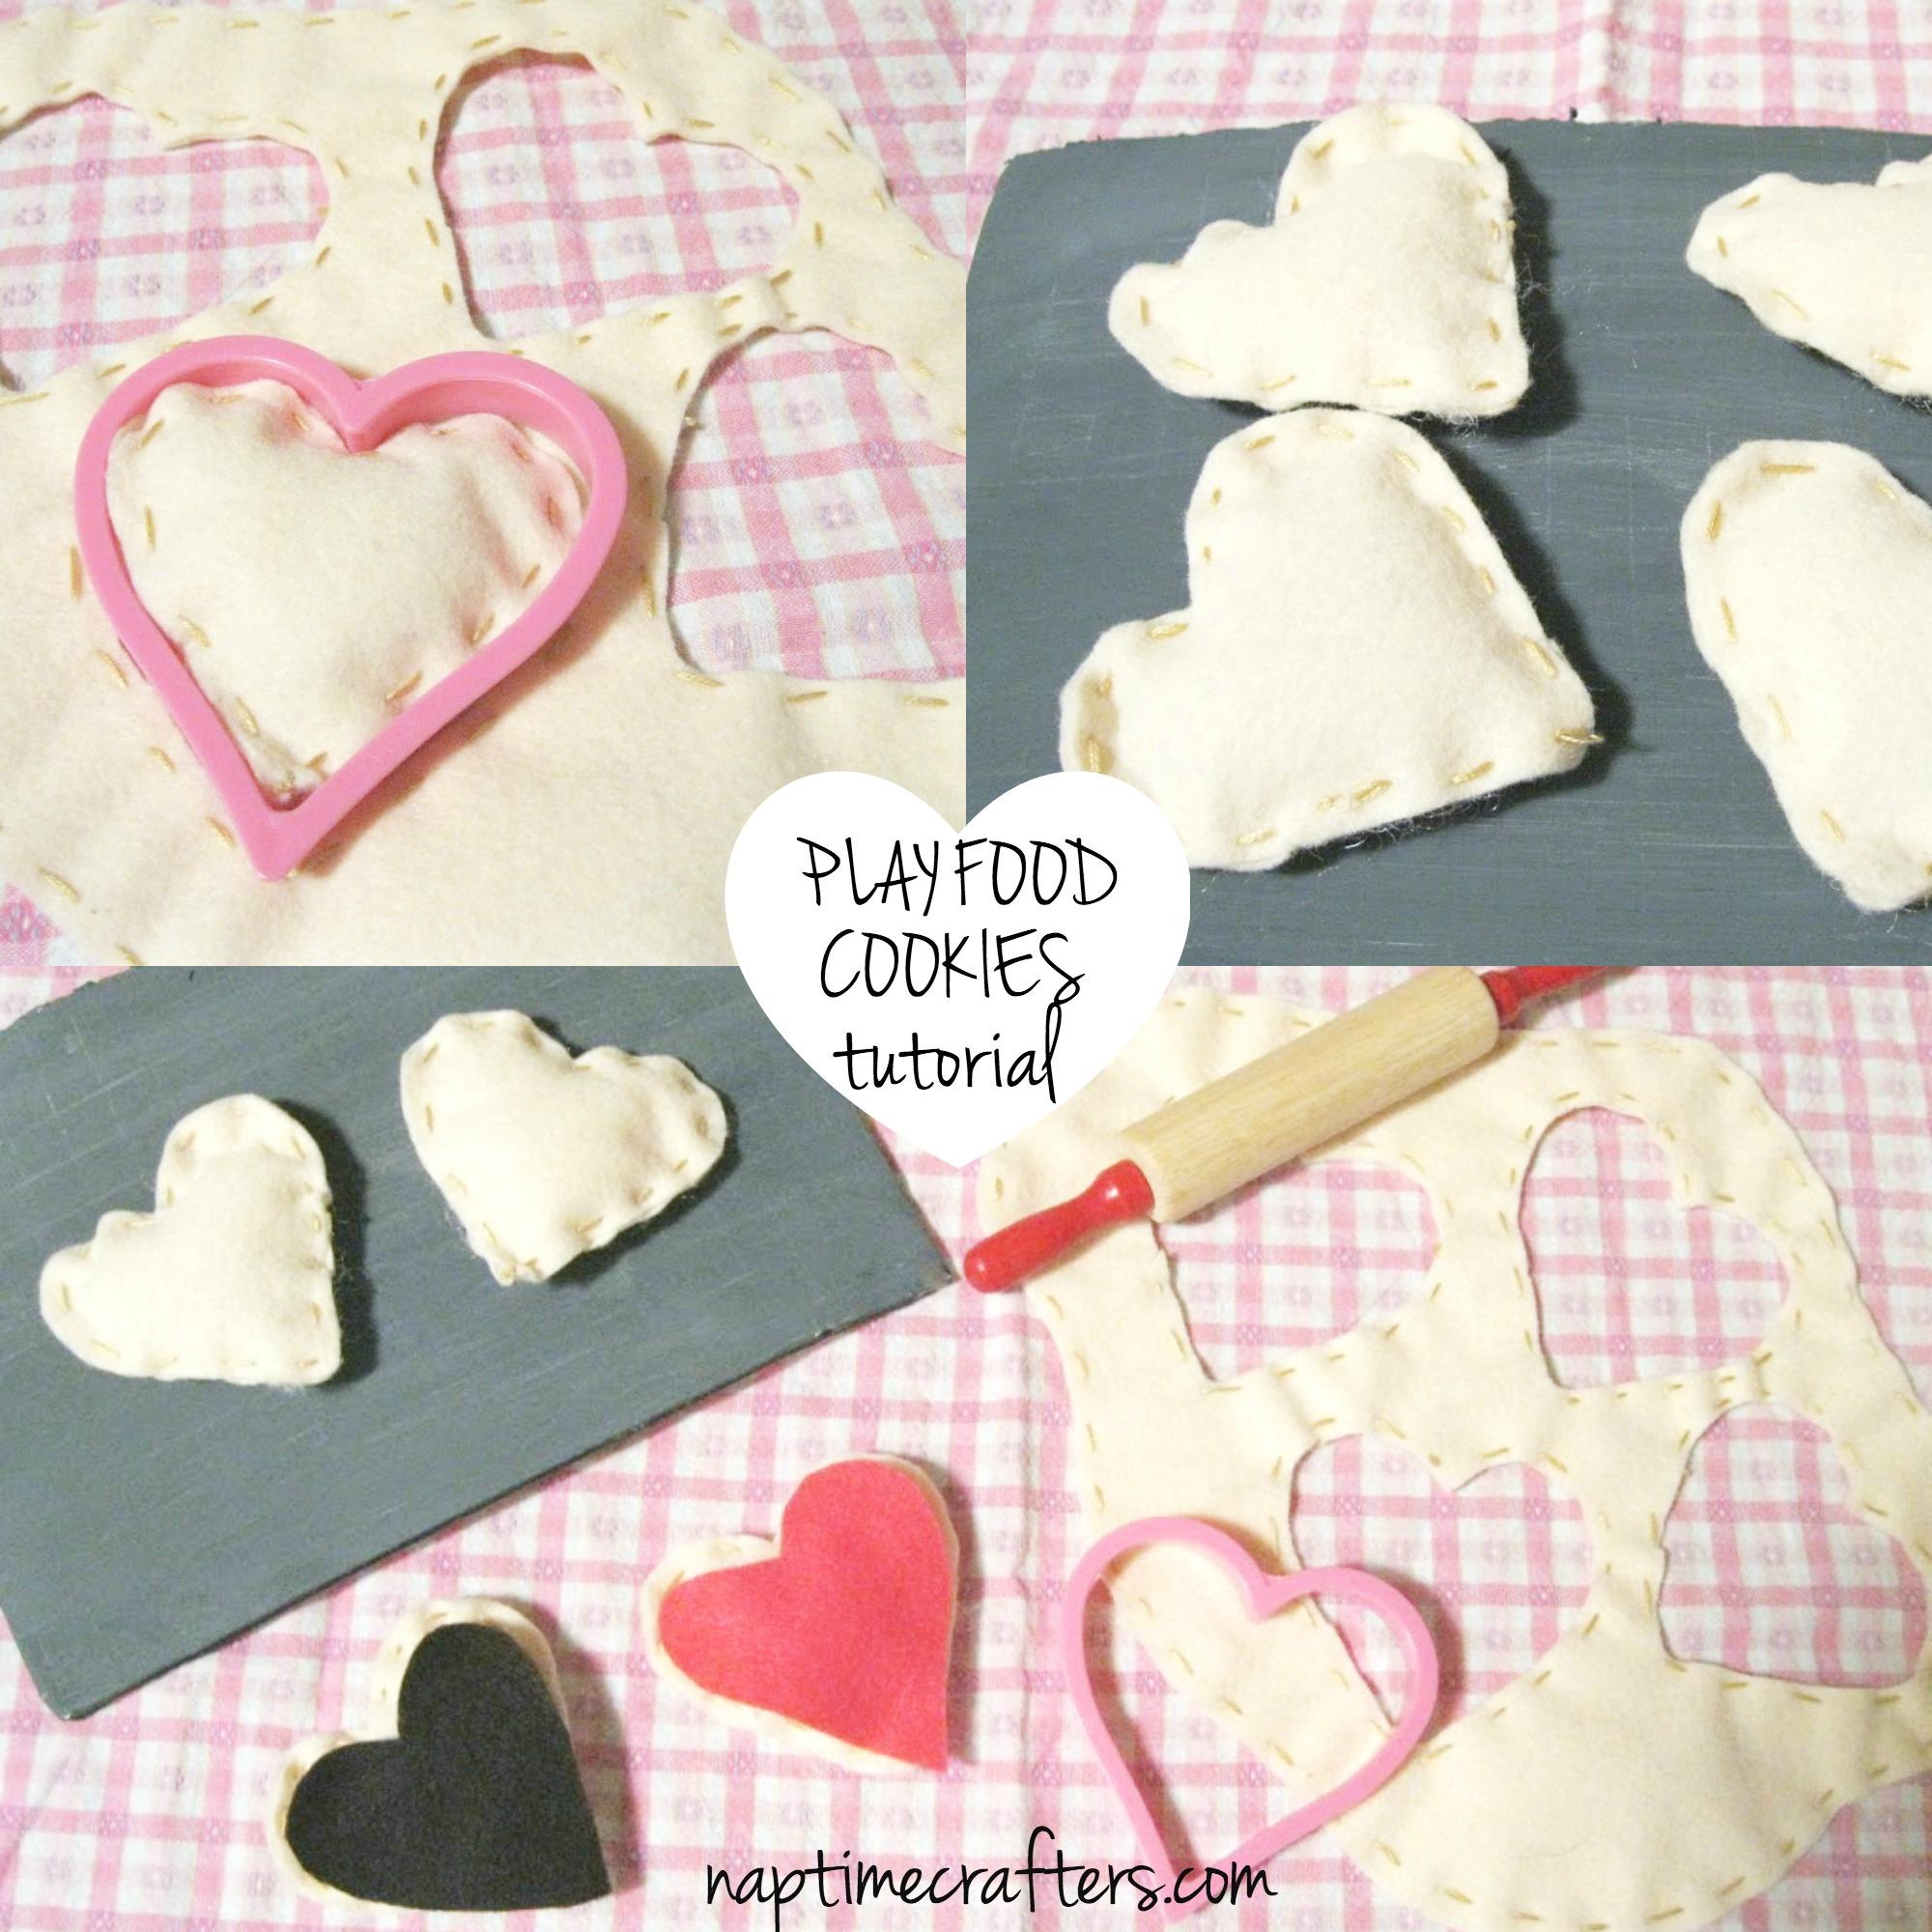 Playfood Cookies Tutorial